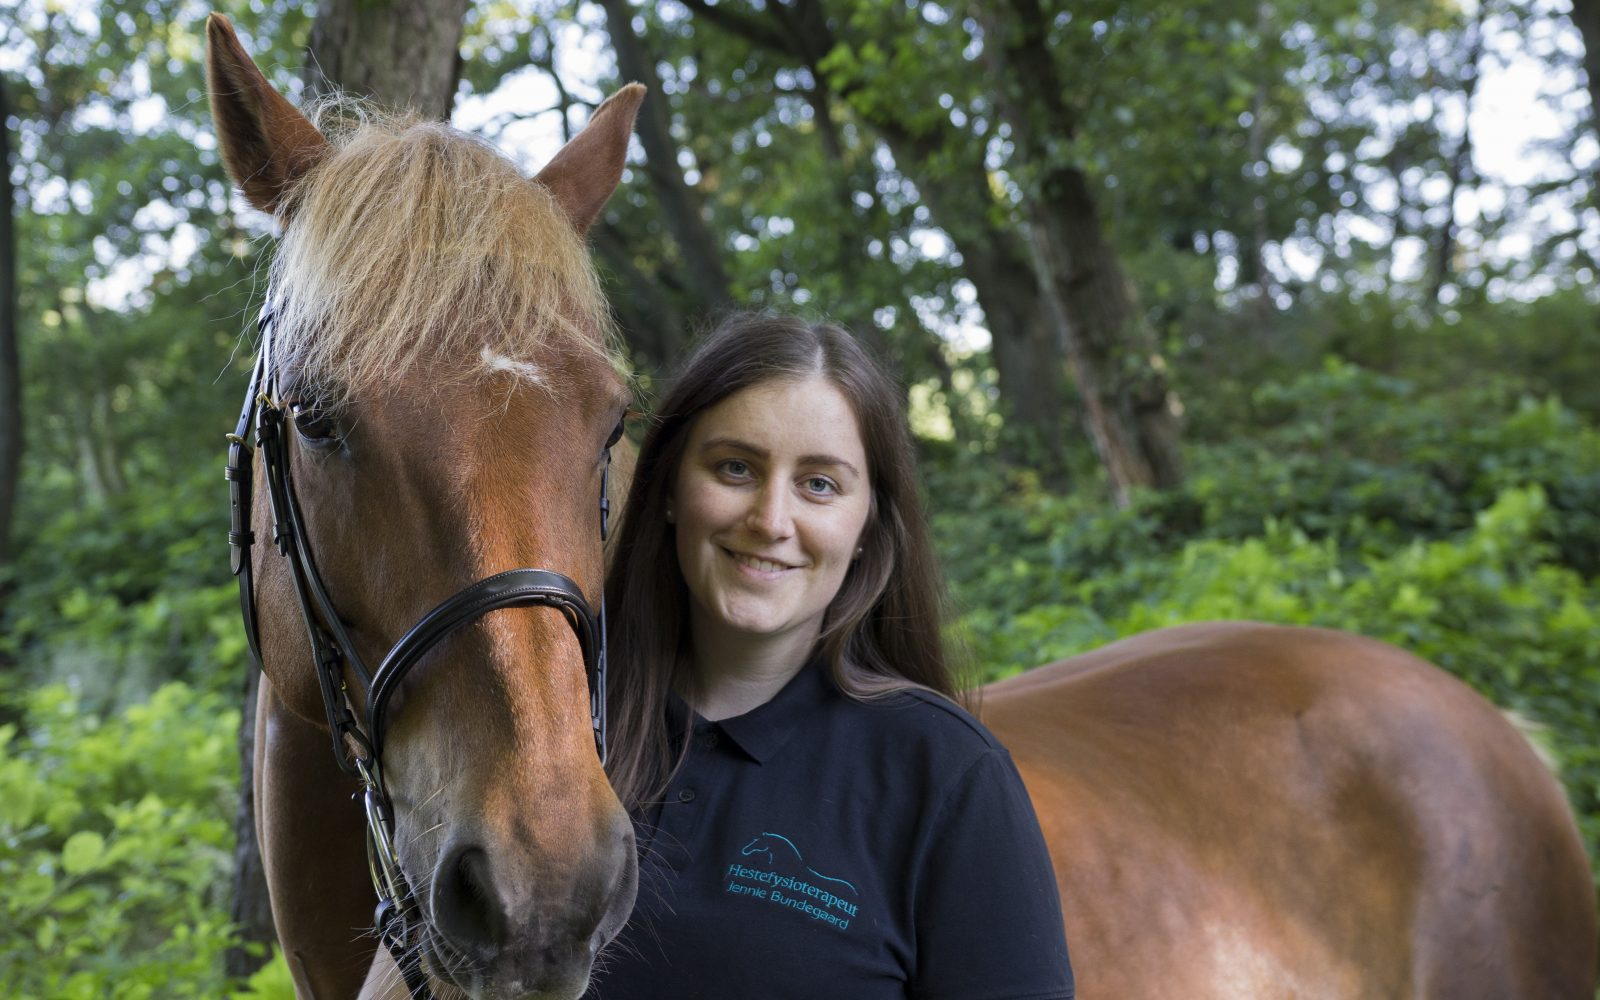 Hestefysioterapeut Jennie Bundegaard med sin hest Tufej